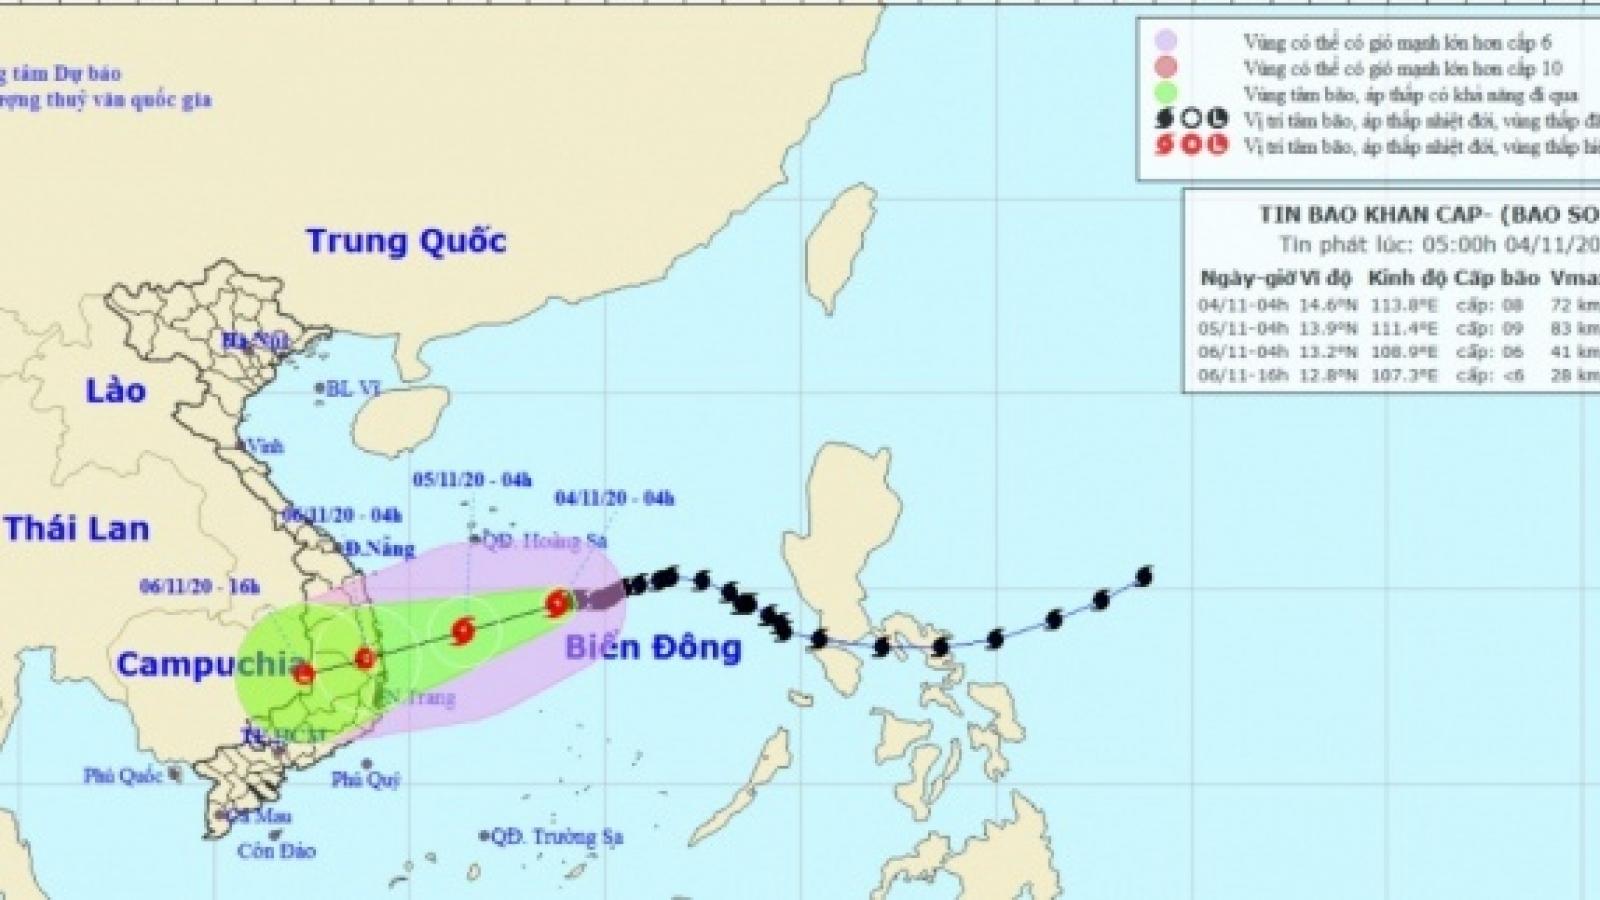 Bão số 10 sẽ gây mưa rất lớn khi đổ bộ vào Quảng Ngãi - Phú Yên